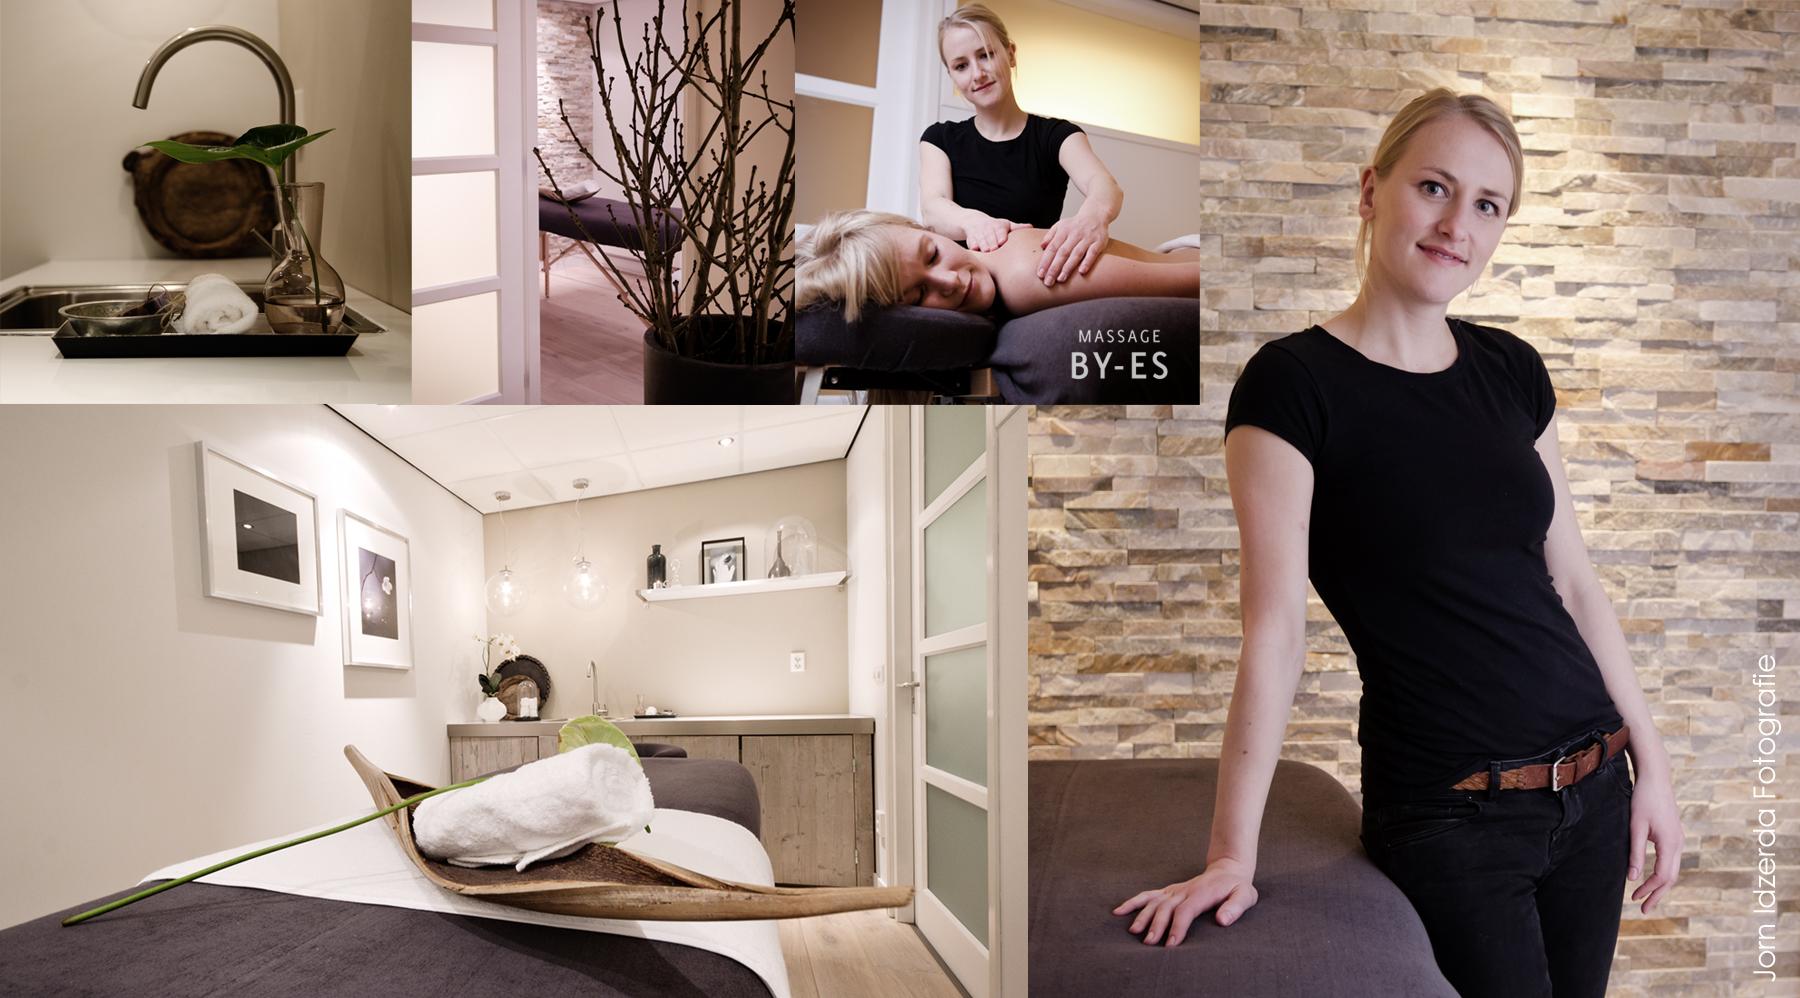 Bedrijfsfotografie Massage By-Es